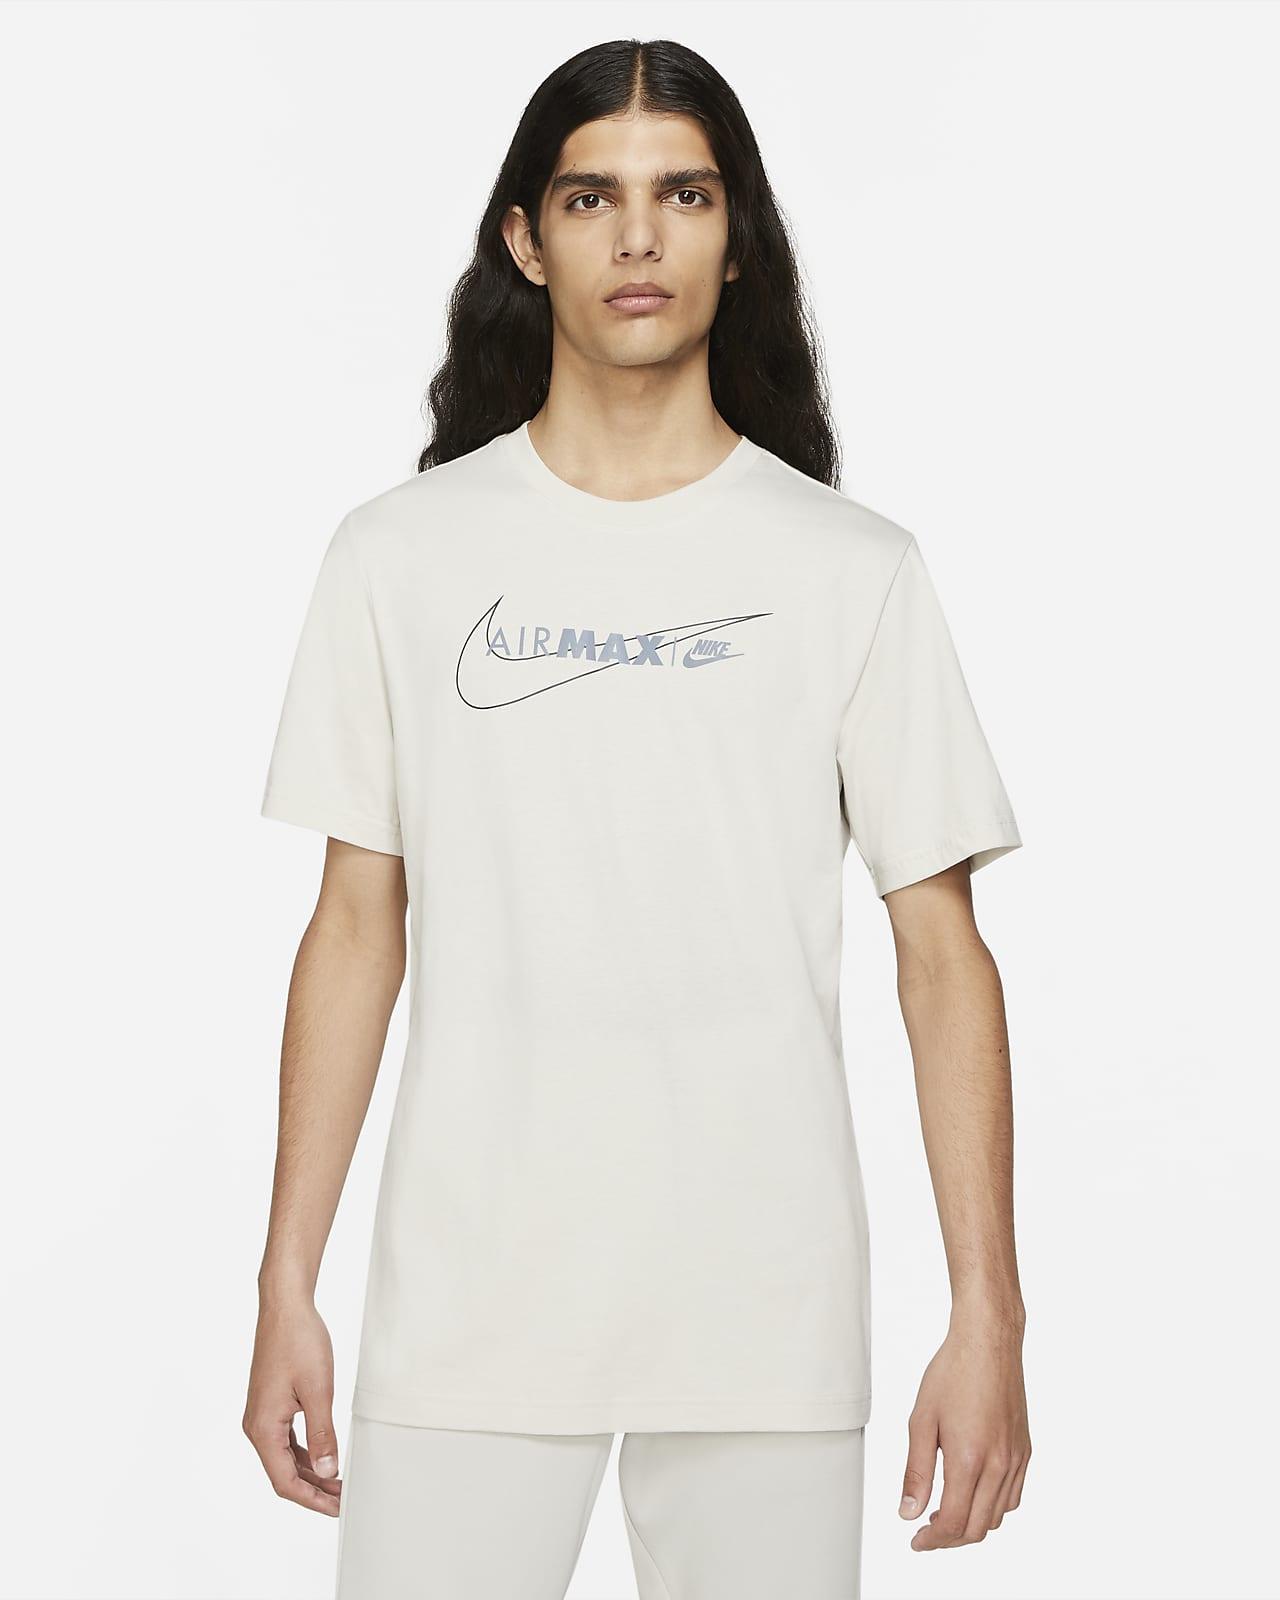 Nike Air Max Men's T-Shirt